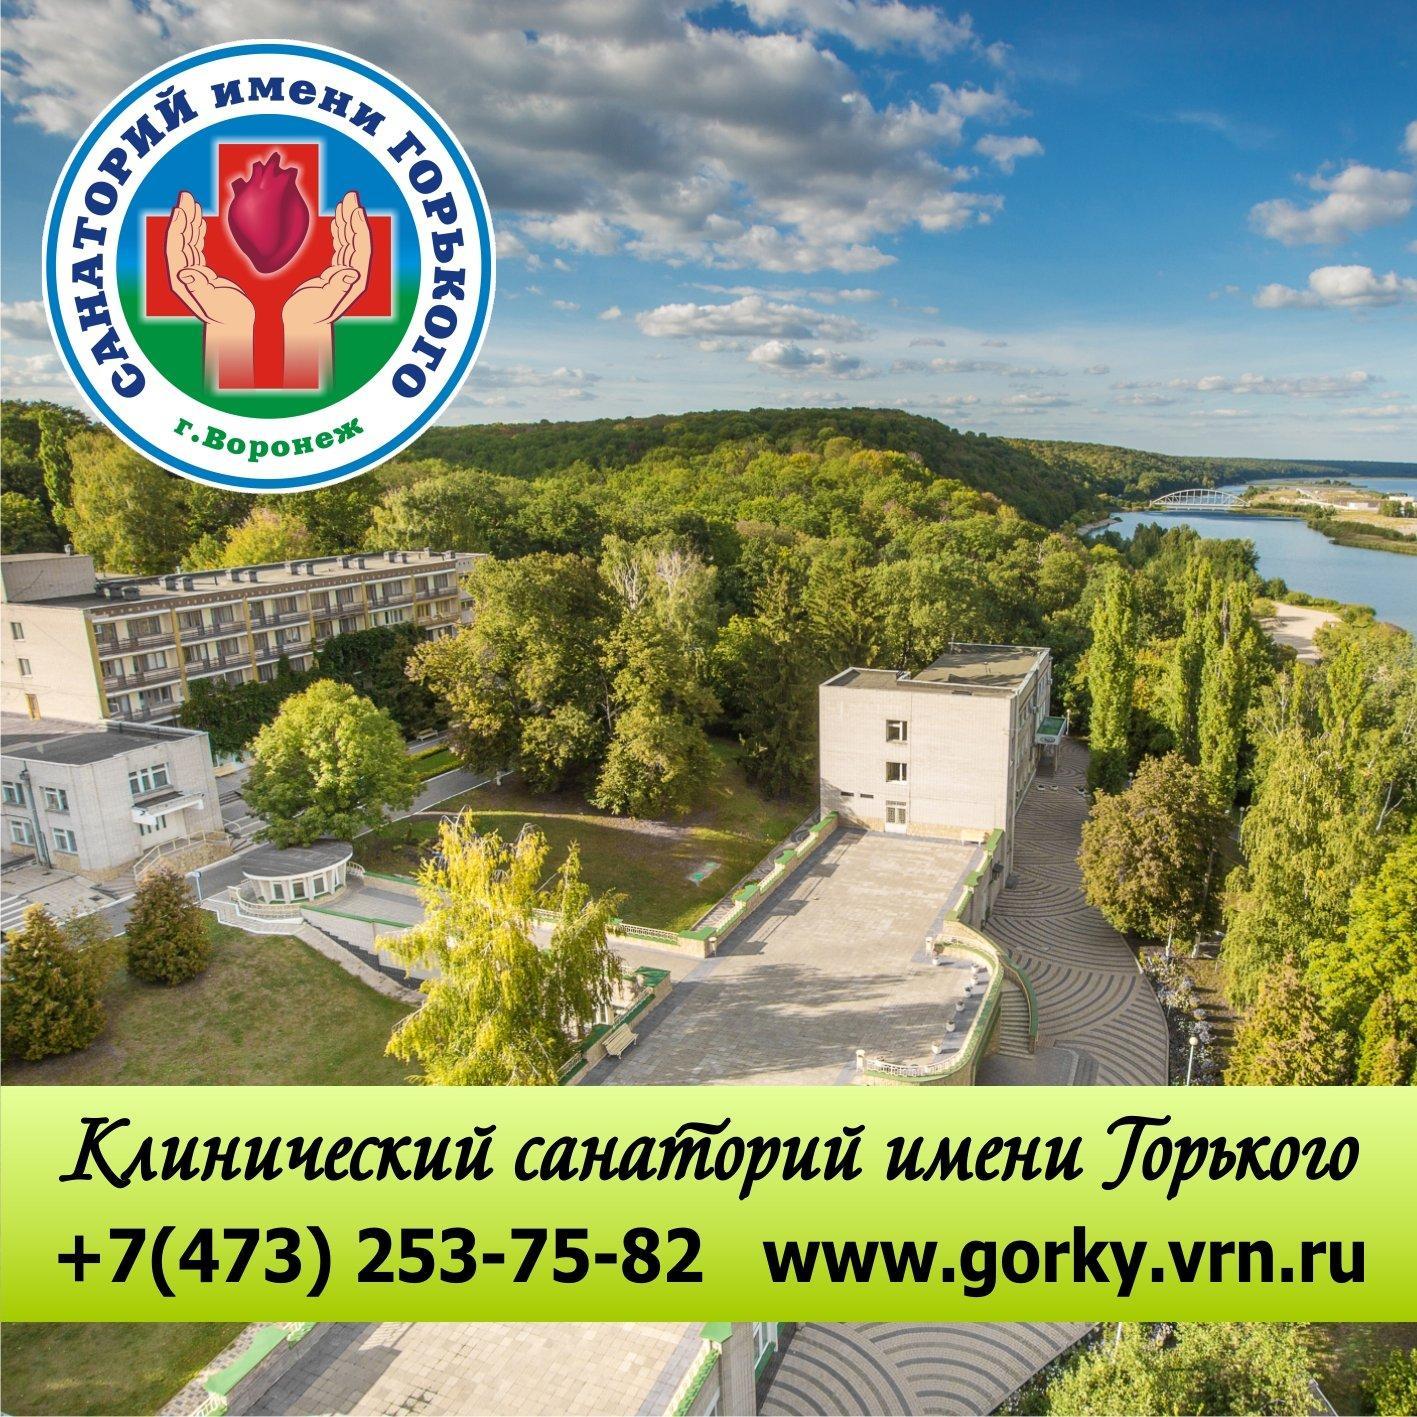 фотография Клинический санаторий им. М. Горького в Центральном районе